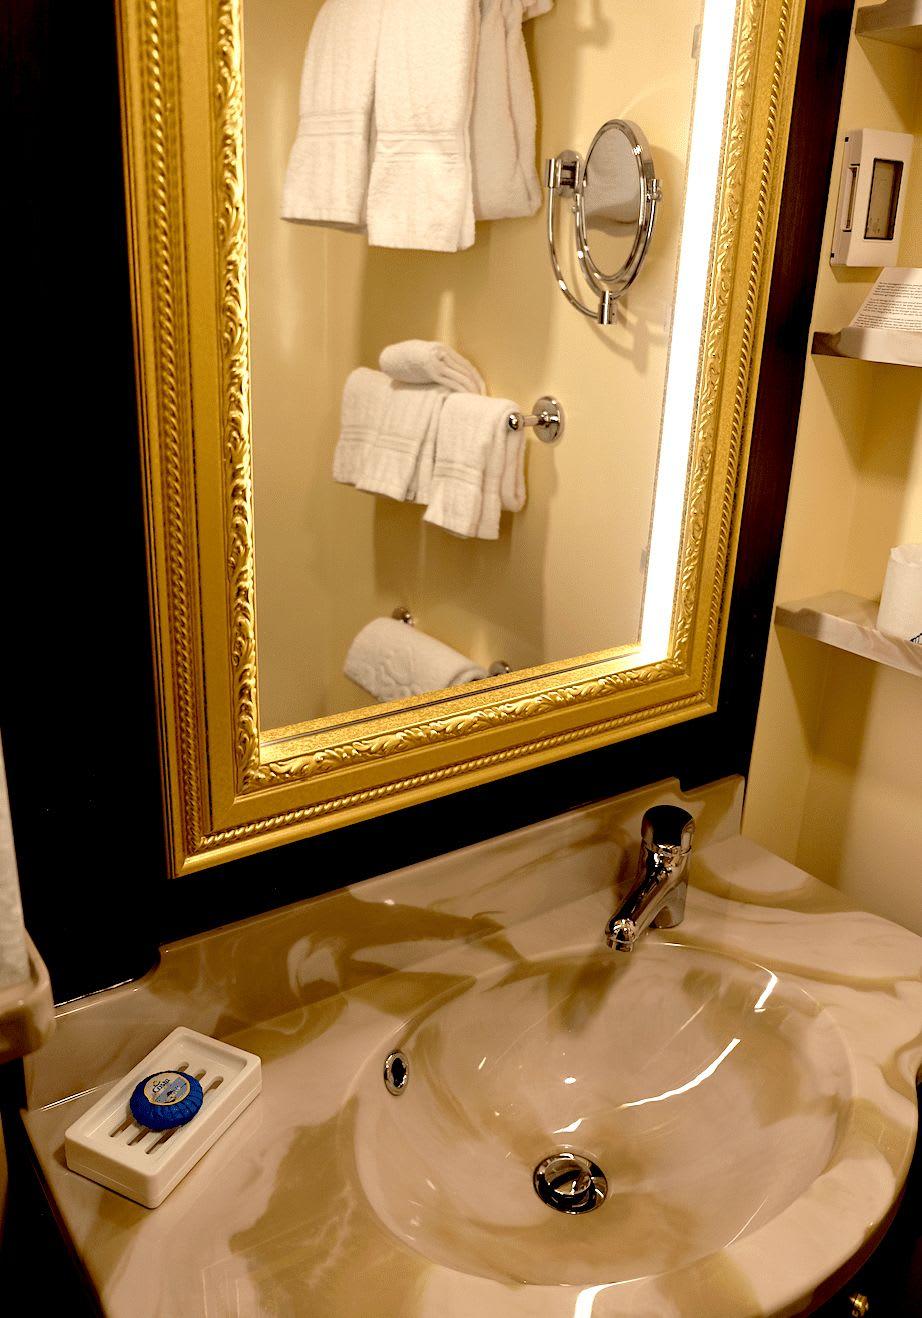 洗面所の鏡周りが明るくて女性には嬉しい